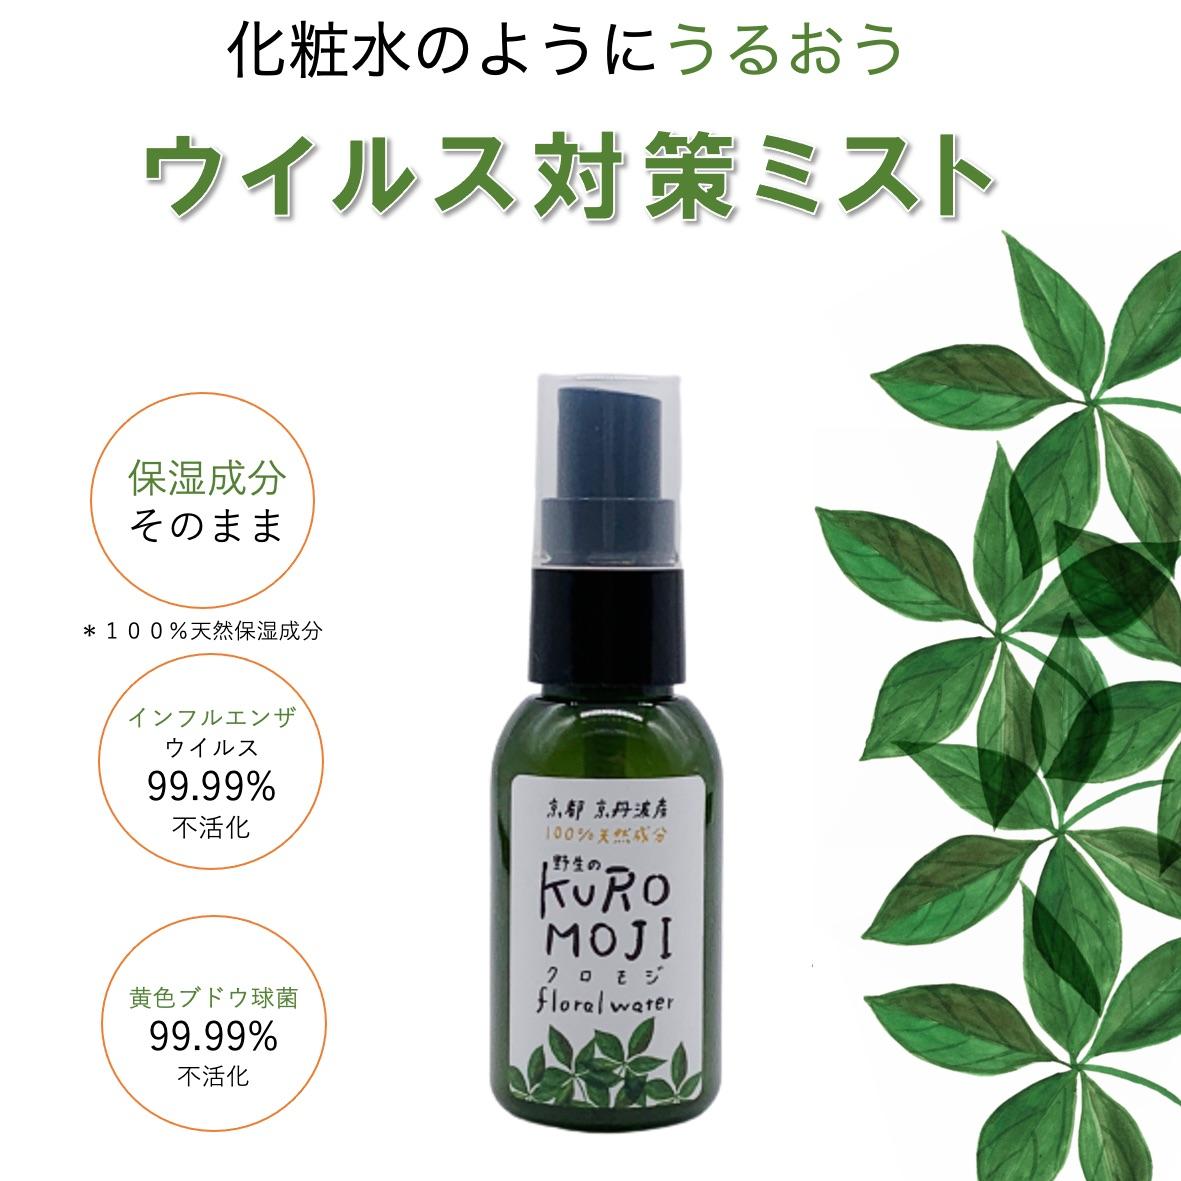 【クロモジ ウォーター 50ml】京都丹波産、野生植物クロモジ 100%「ウイルス対策ミスト」